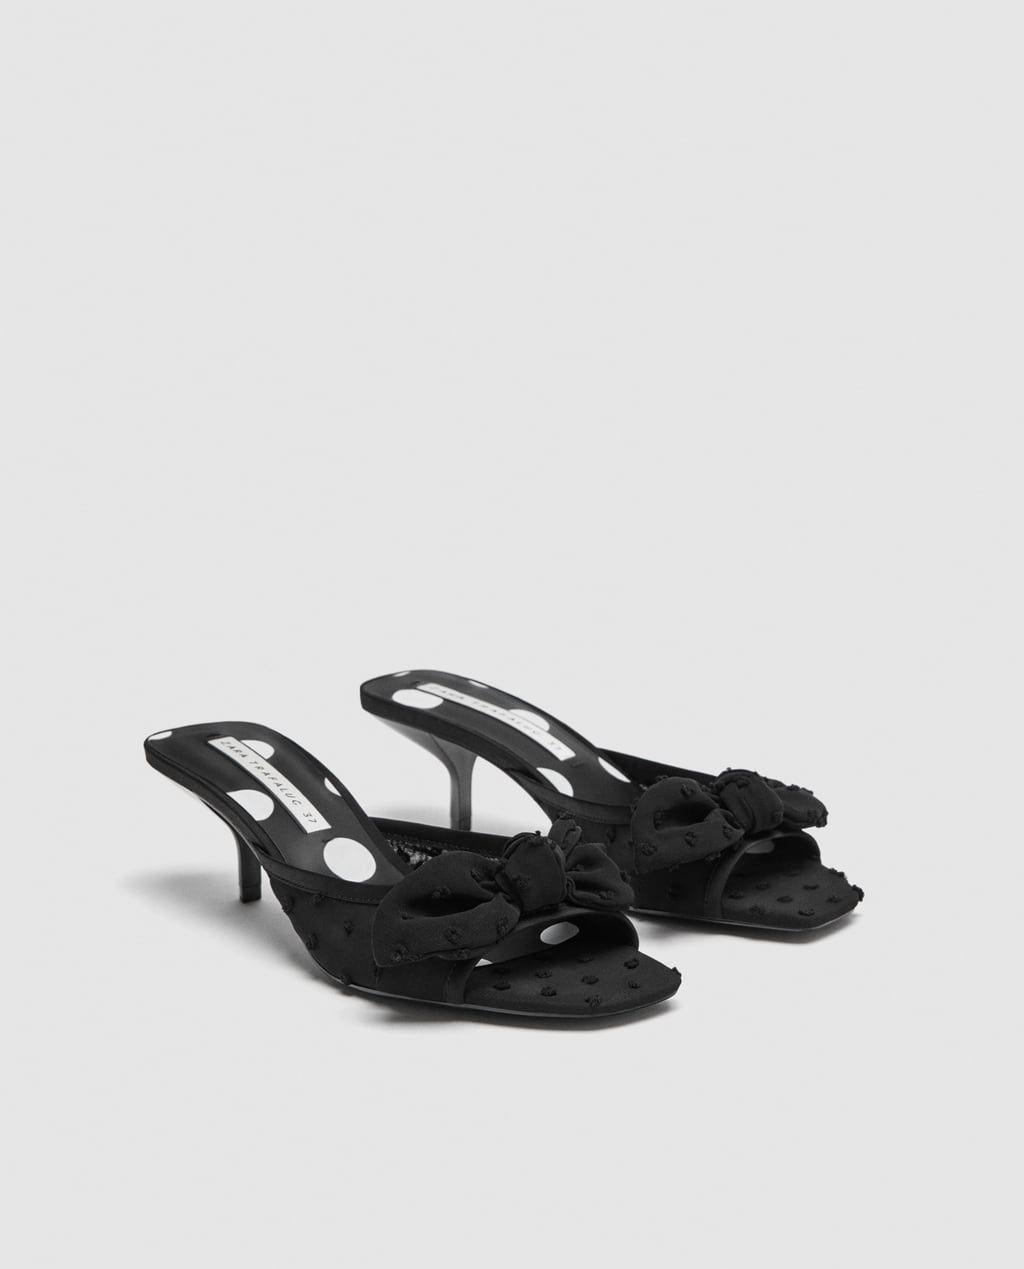 Zara 2019 Yaz Sandalet modelleri